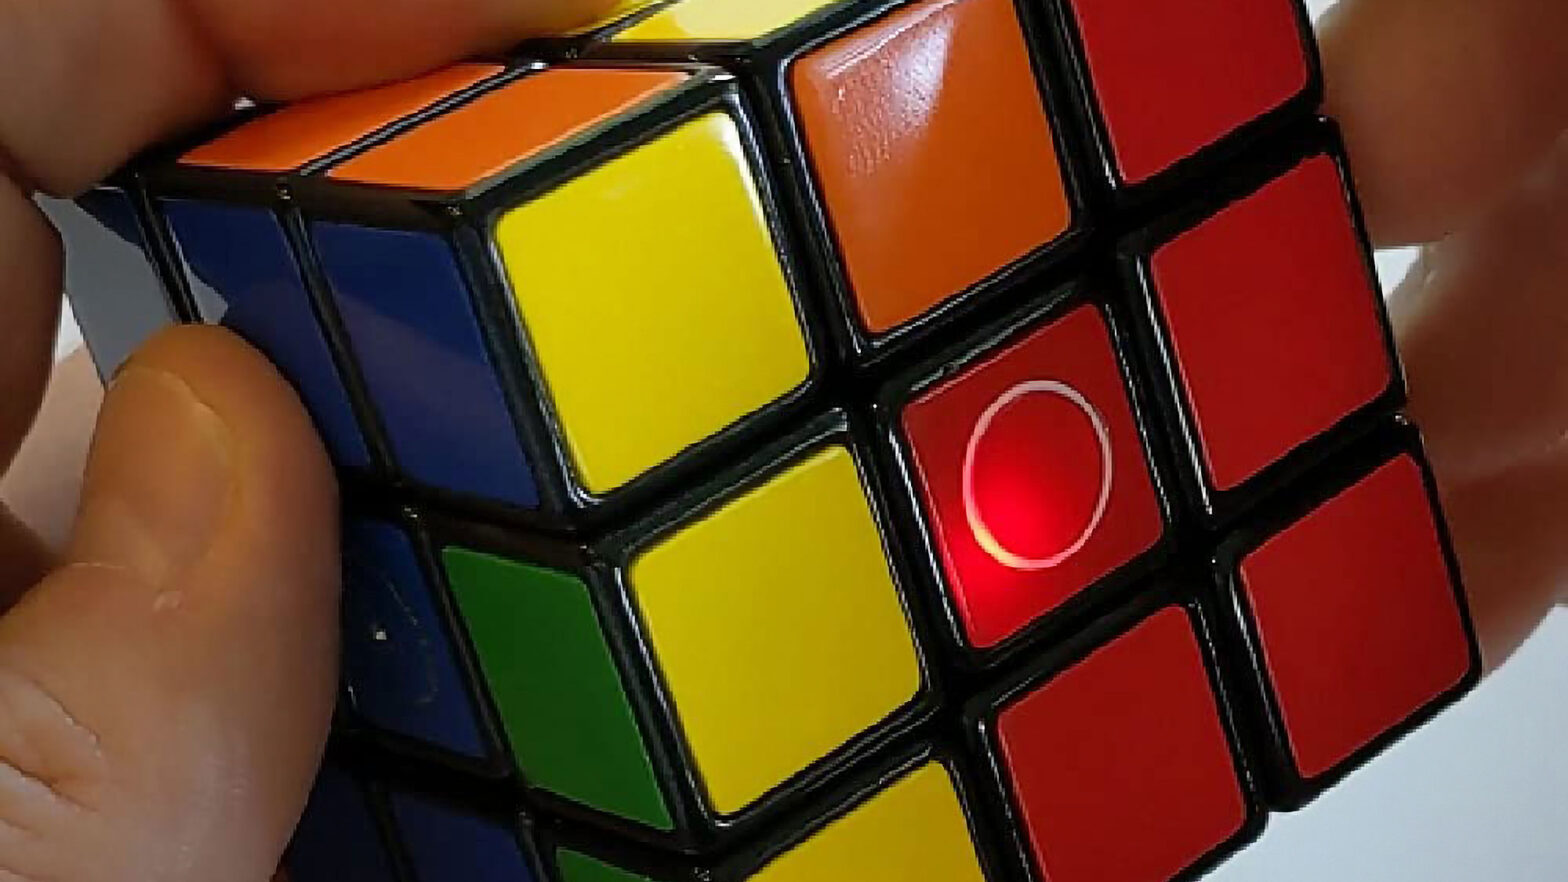 HEYKUBE Electronic Puzzle Cube